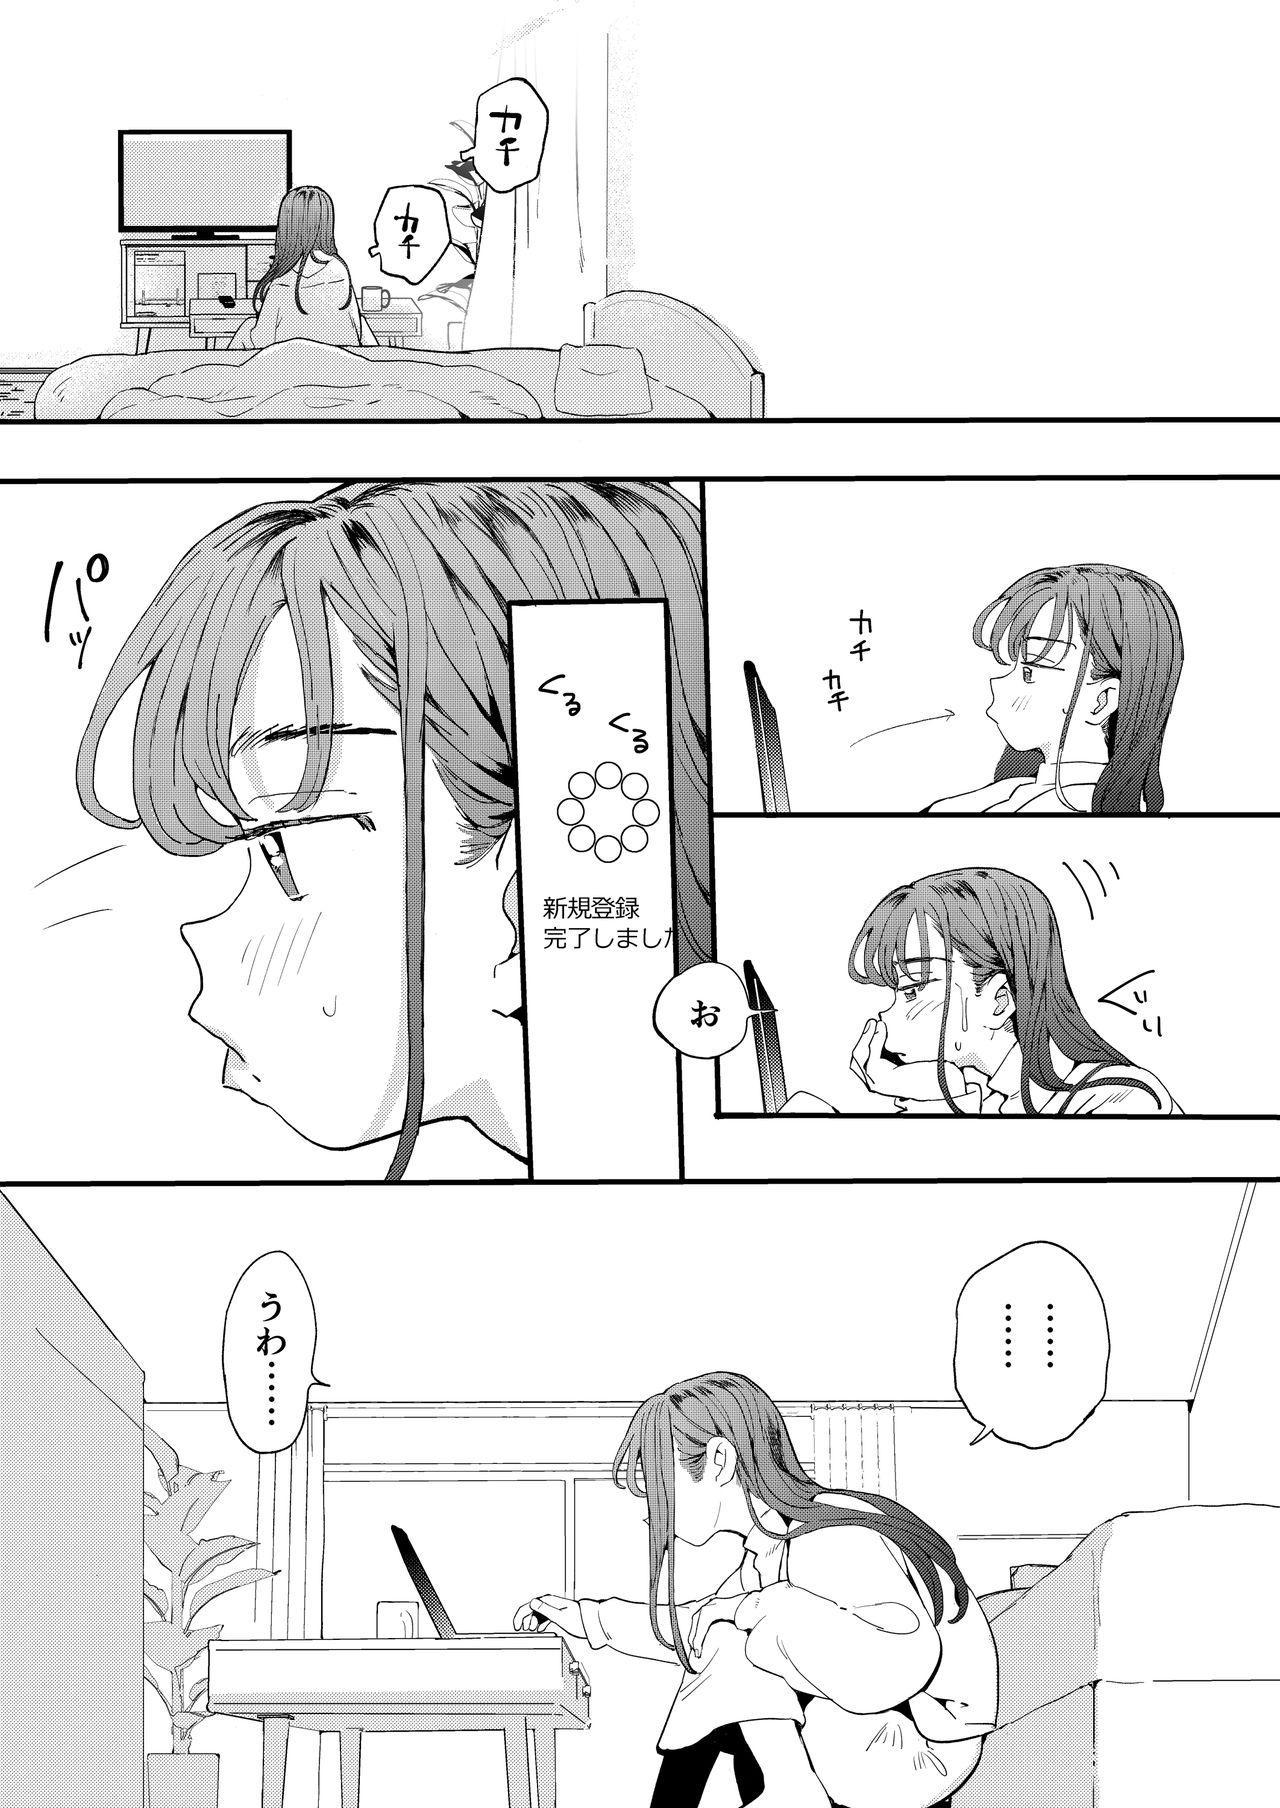 ●●●rちんこを頼みたいお姉さん 9